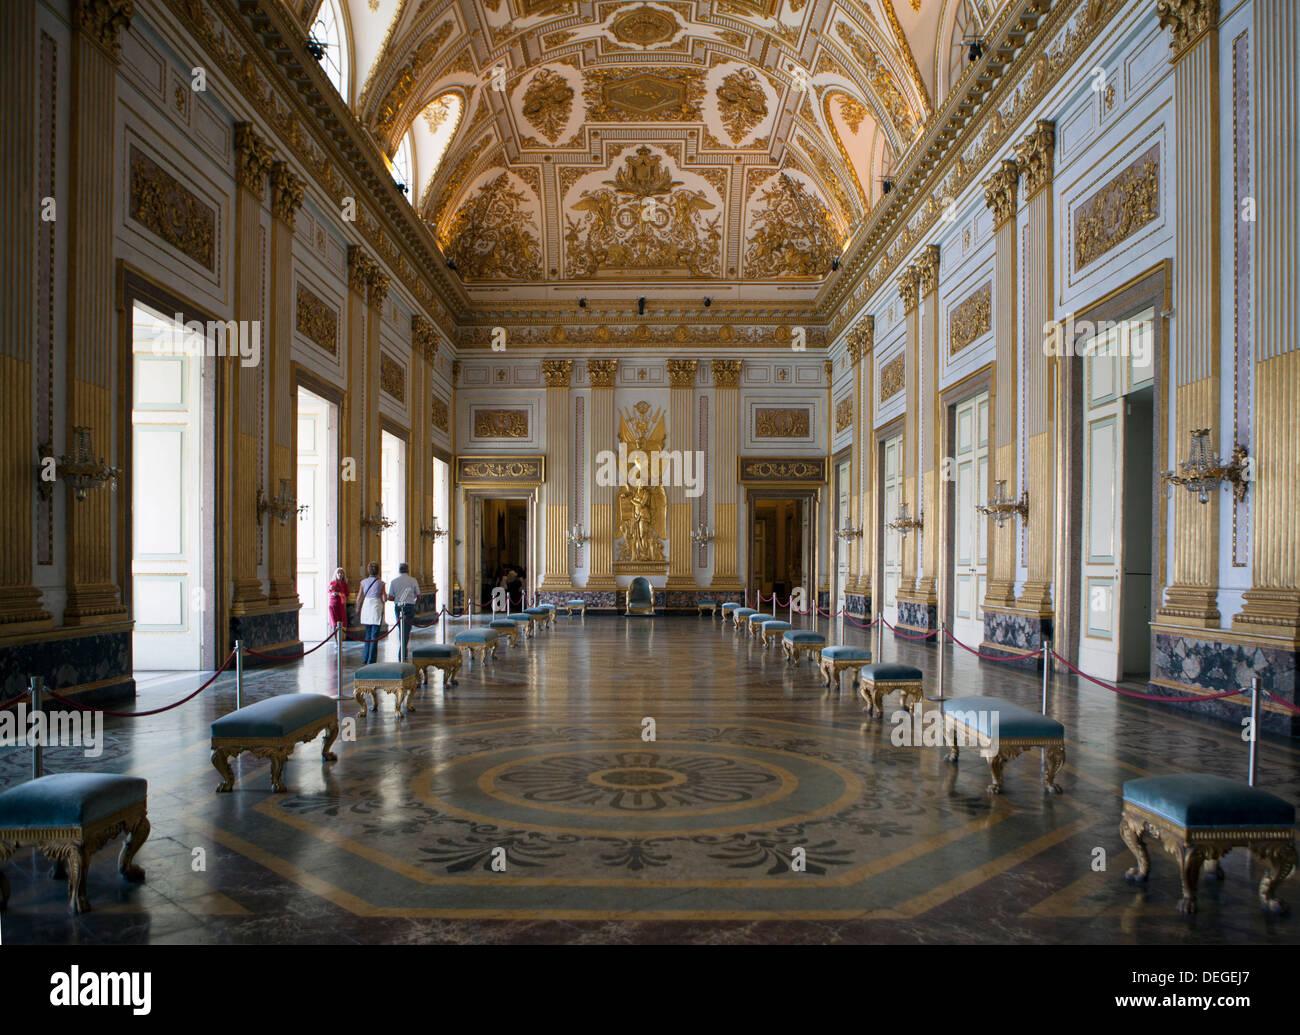 Throne room, Royal Palace, Caserta, Campania, Italy, Europe Stock Photo